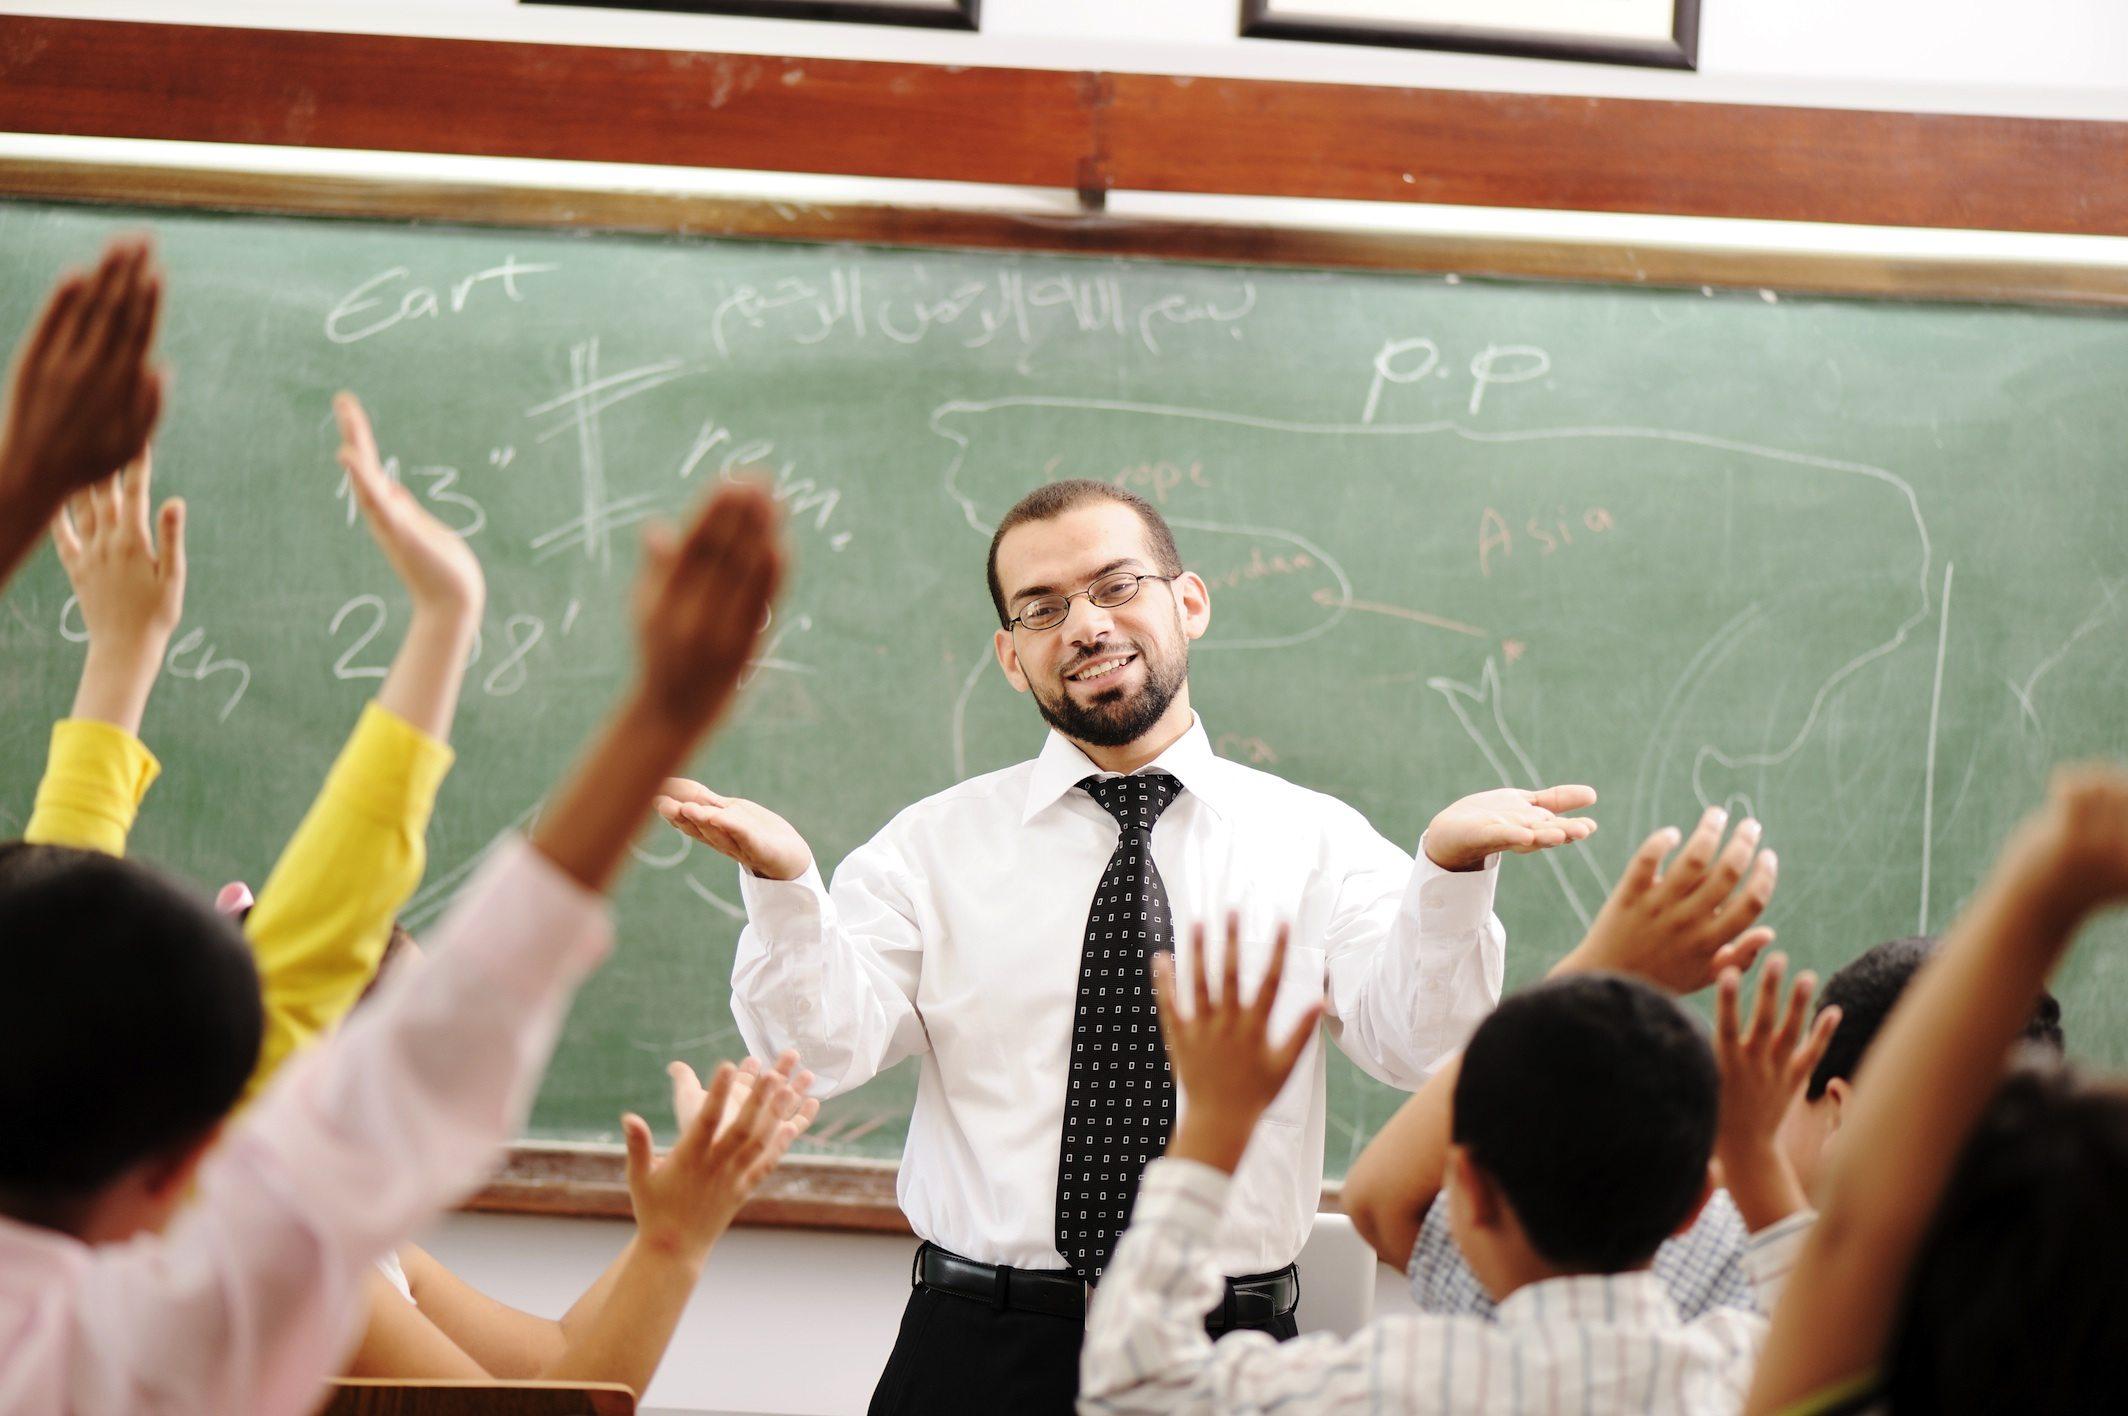 شخصية المدرس ENFJ